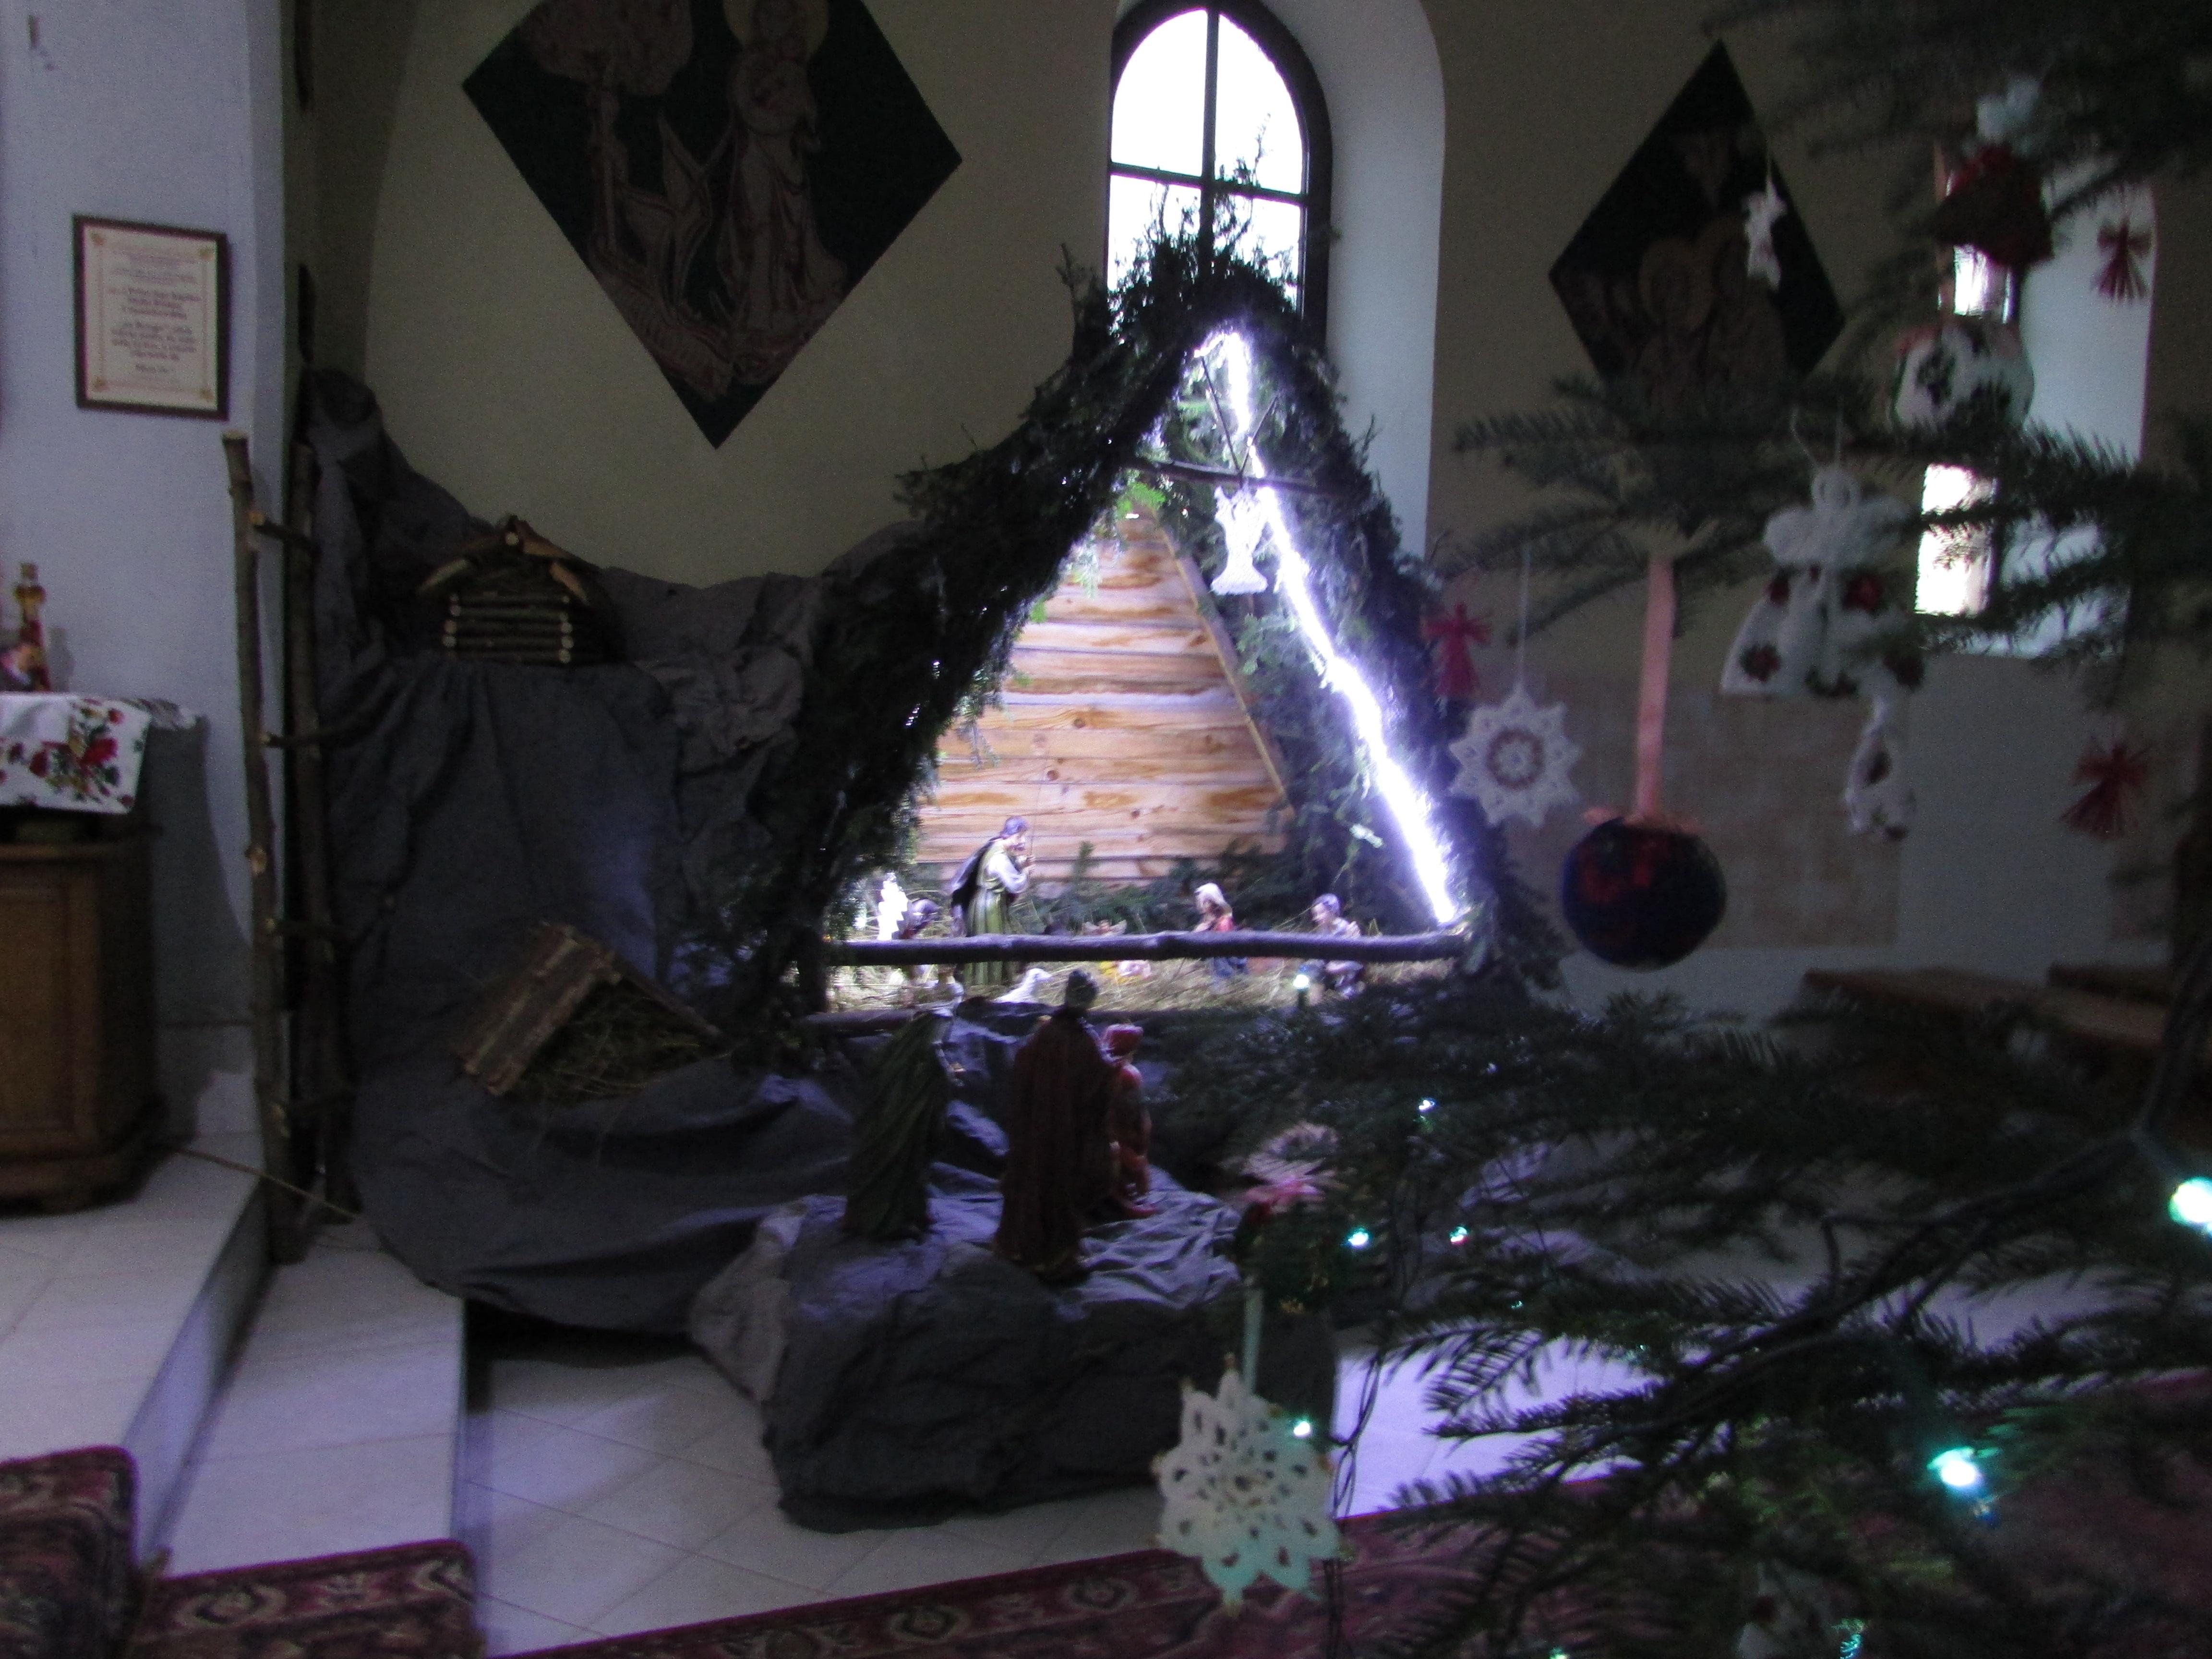 Kaplica Na Brzegu - Boże Narodzenie 2014r.Boże Narodzenie 2014r.